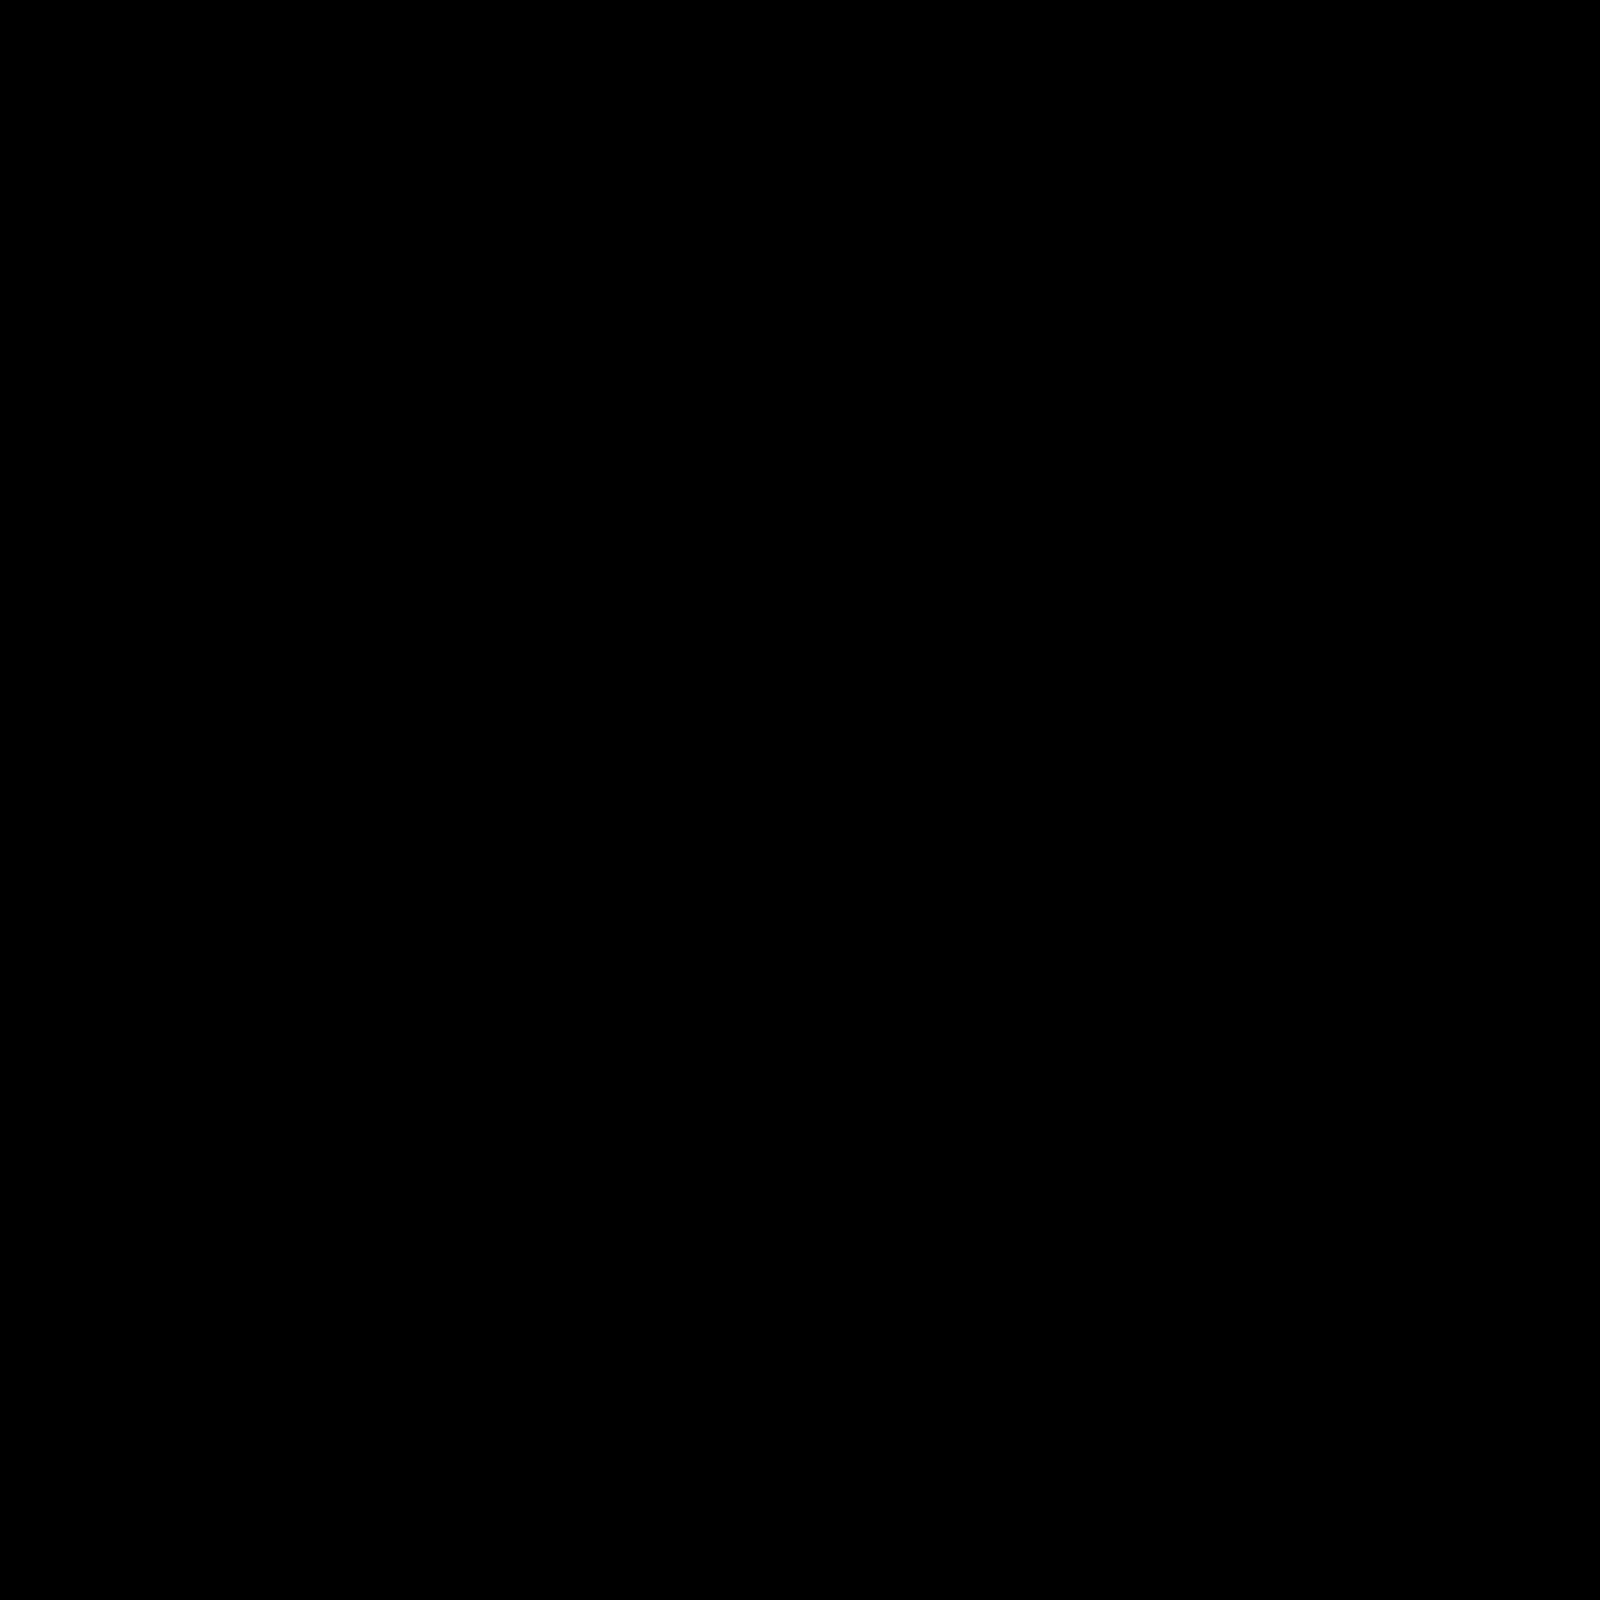 Hamburger icon png. Menu free download and